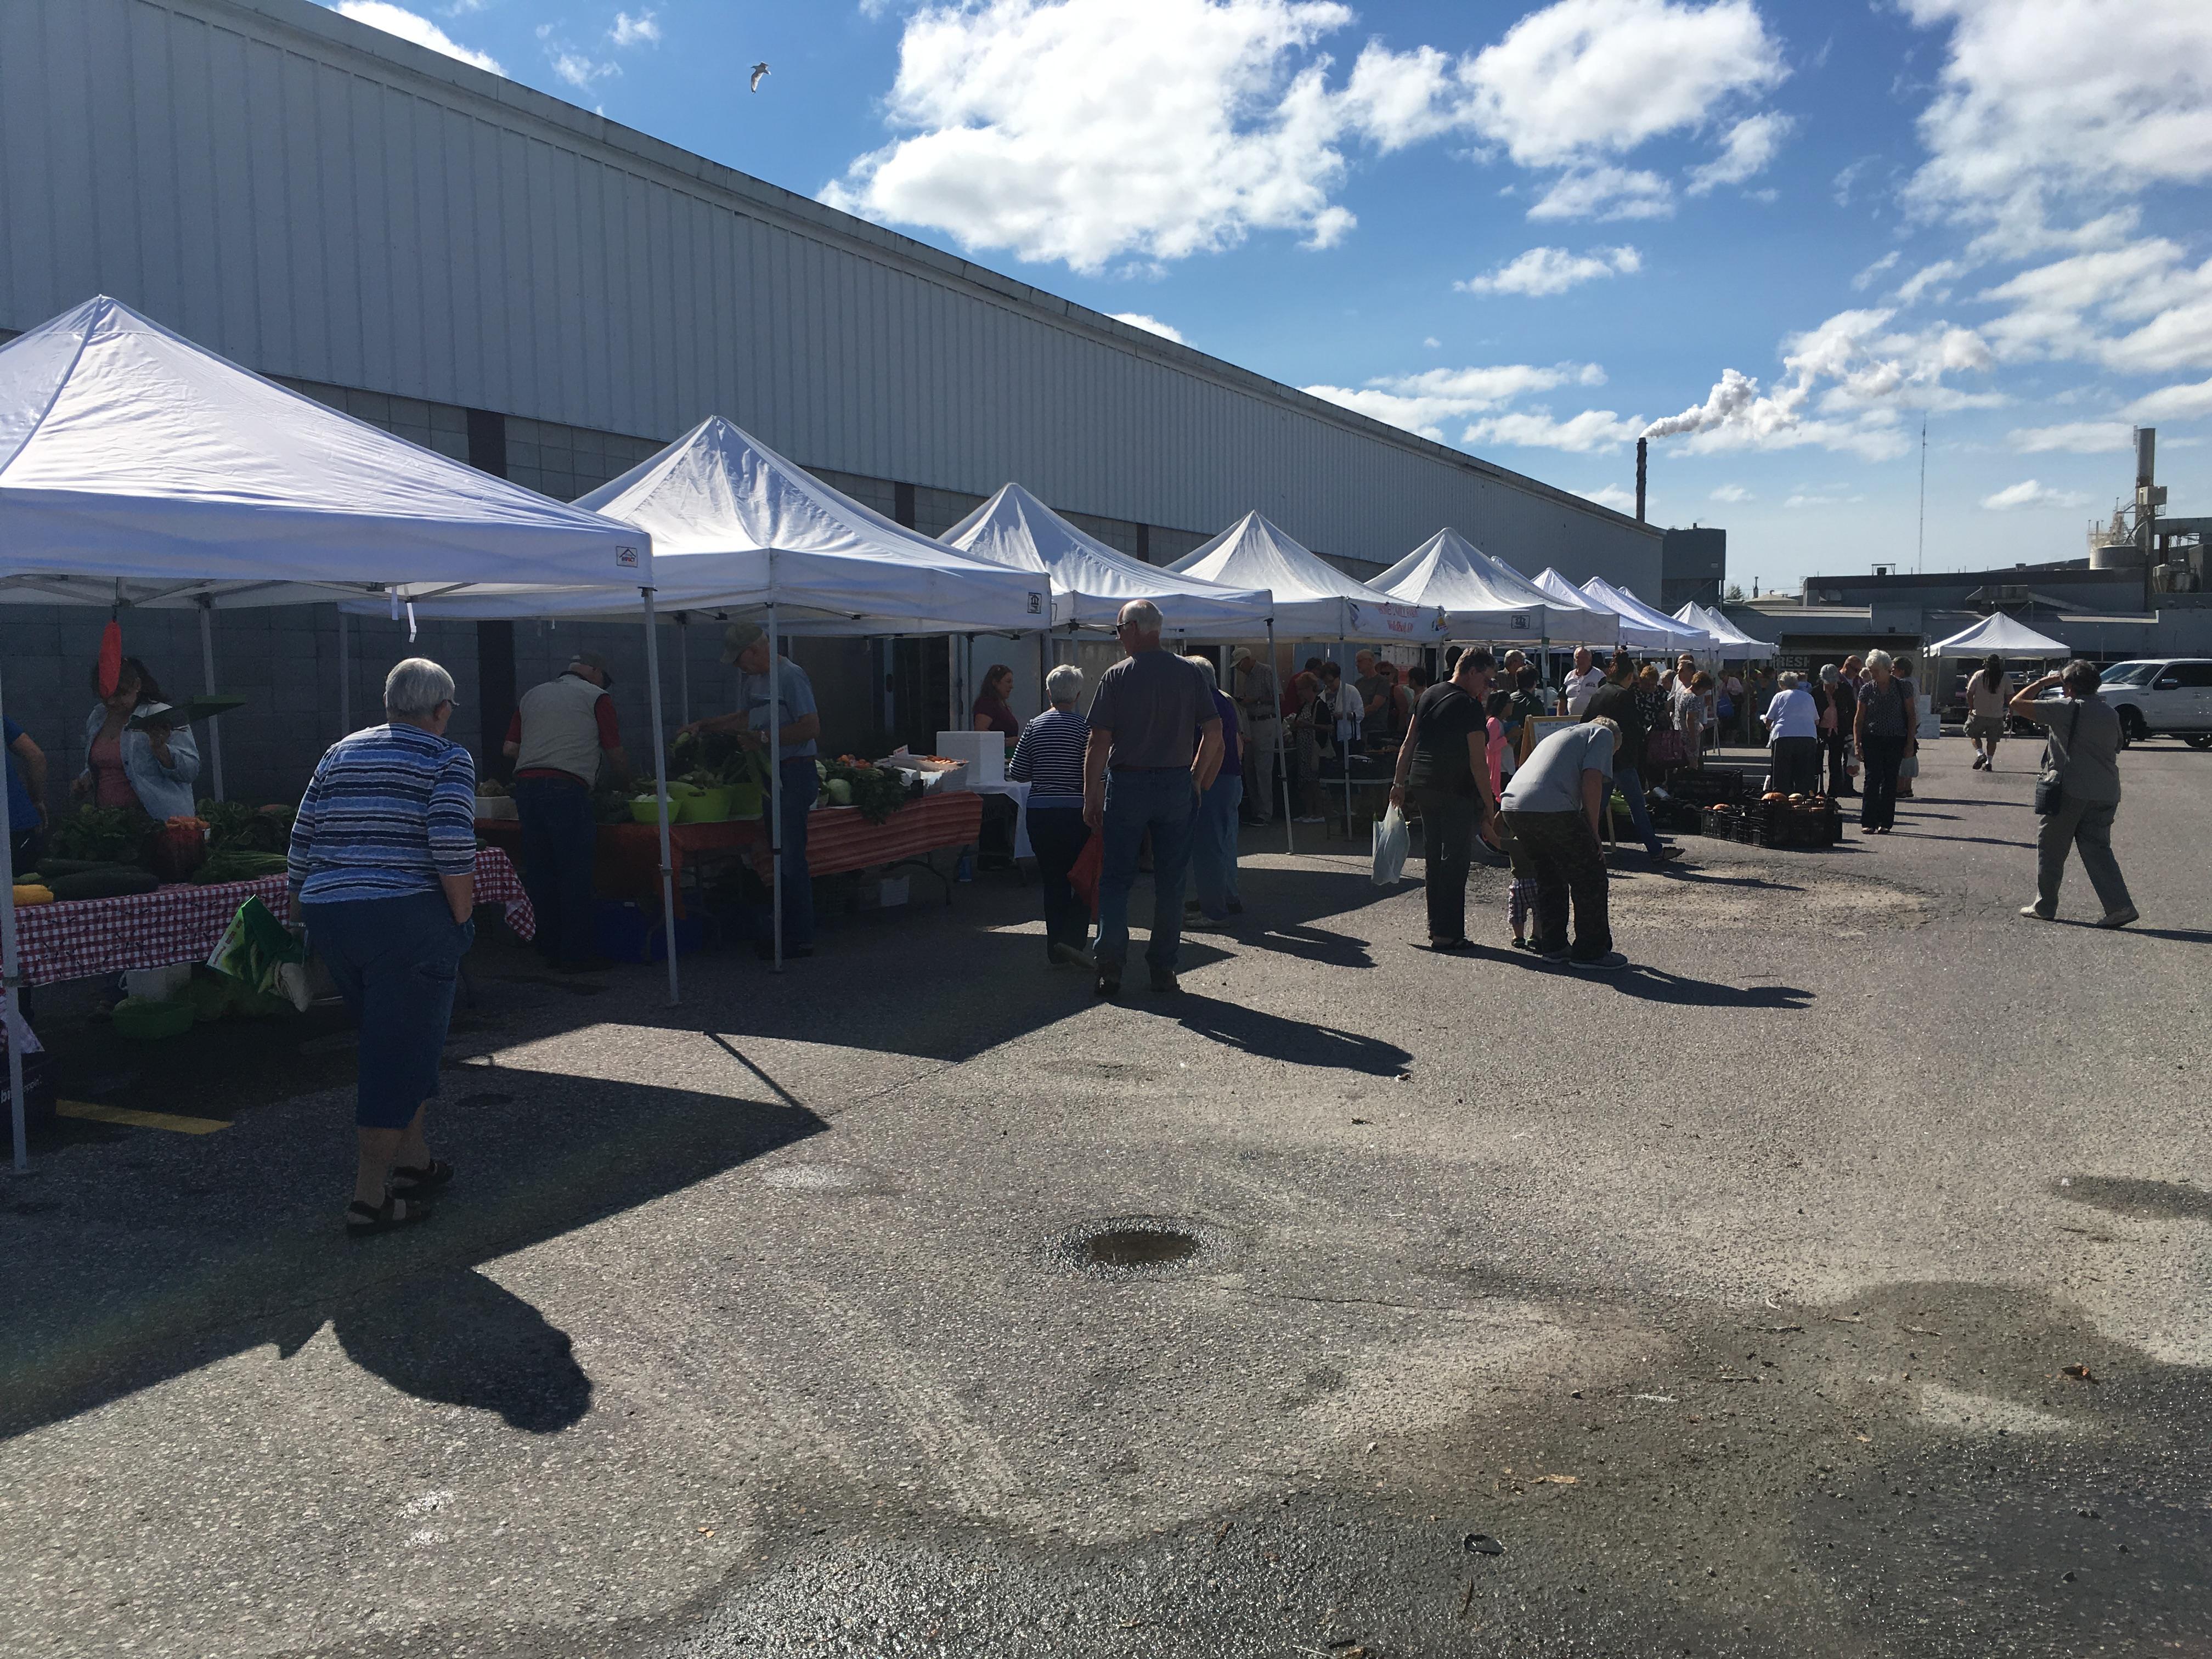 Dryden Market